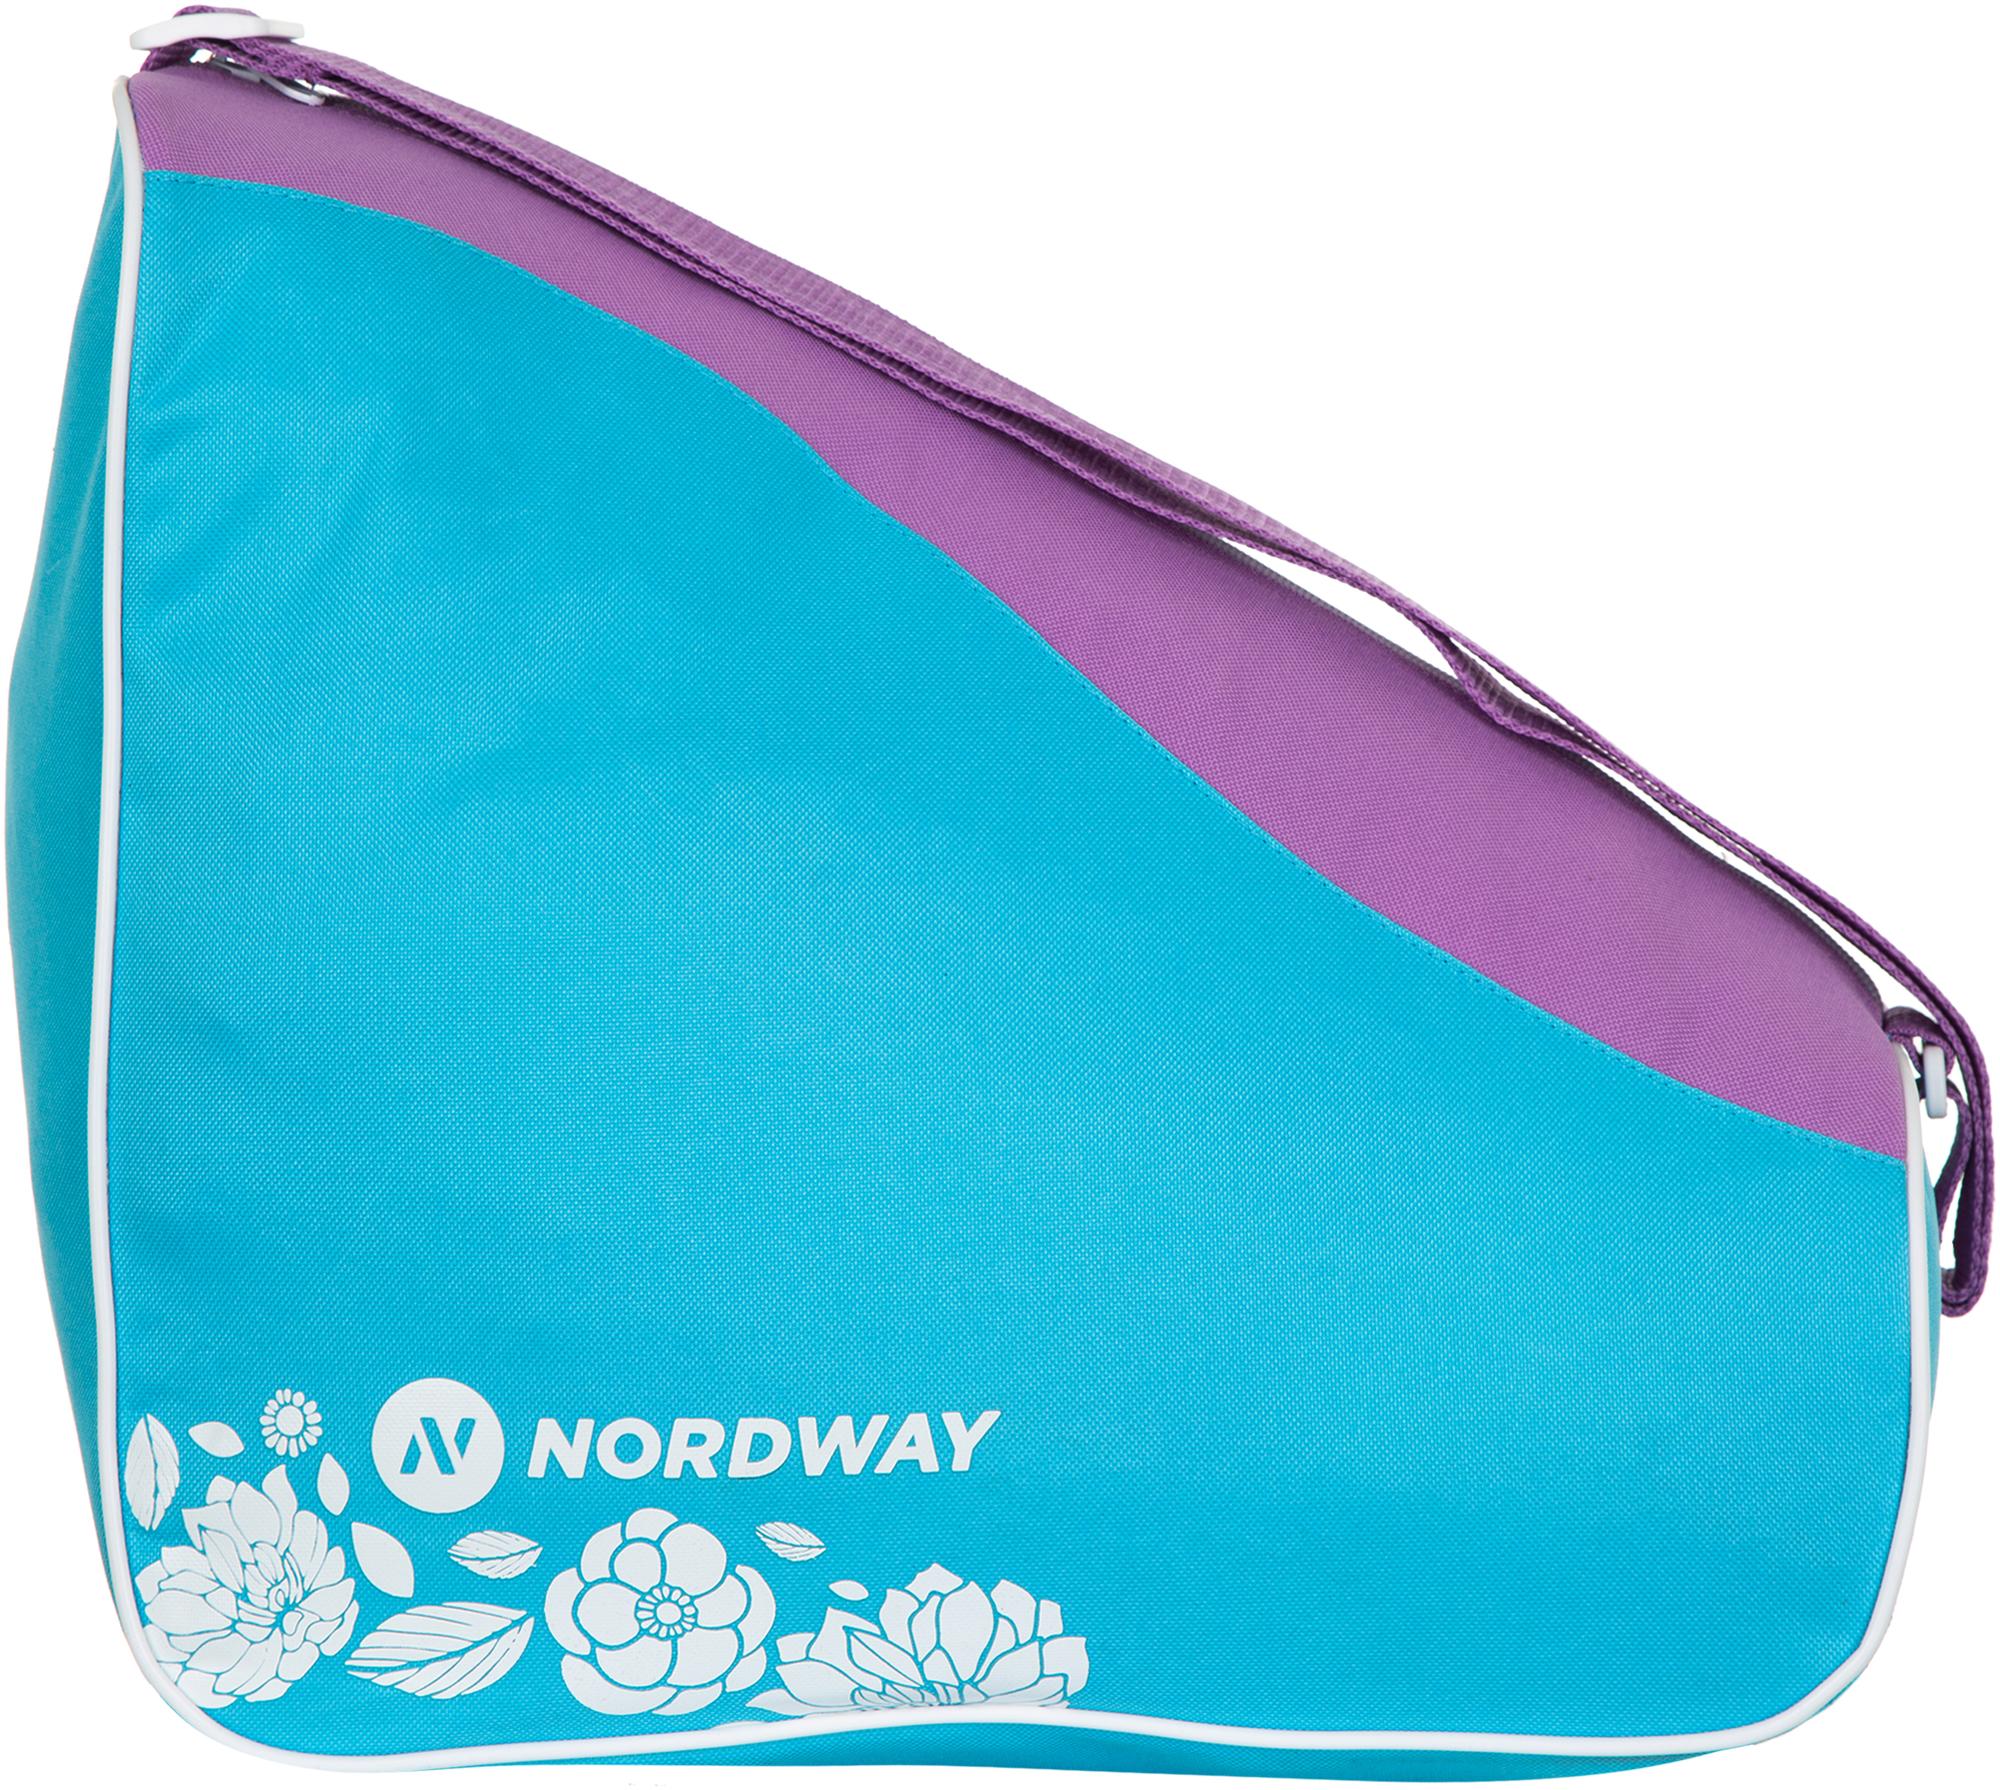 nordway клюшка хоккейная детская nordway Nordway Сумка для ледовых коньков детская Nordway SLIDE GIRL